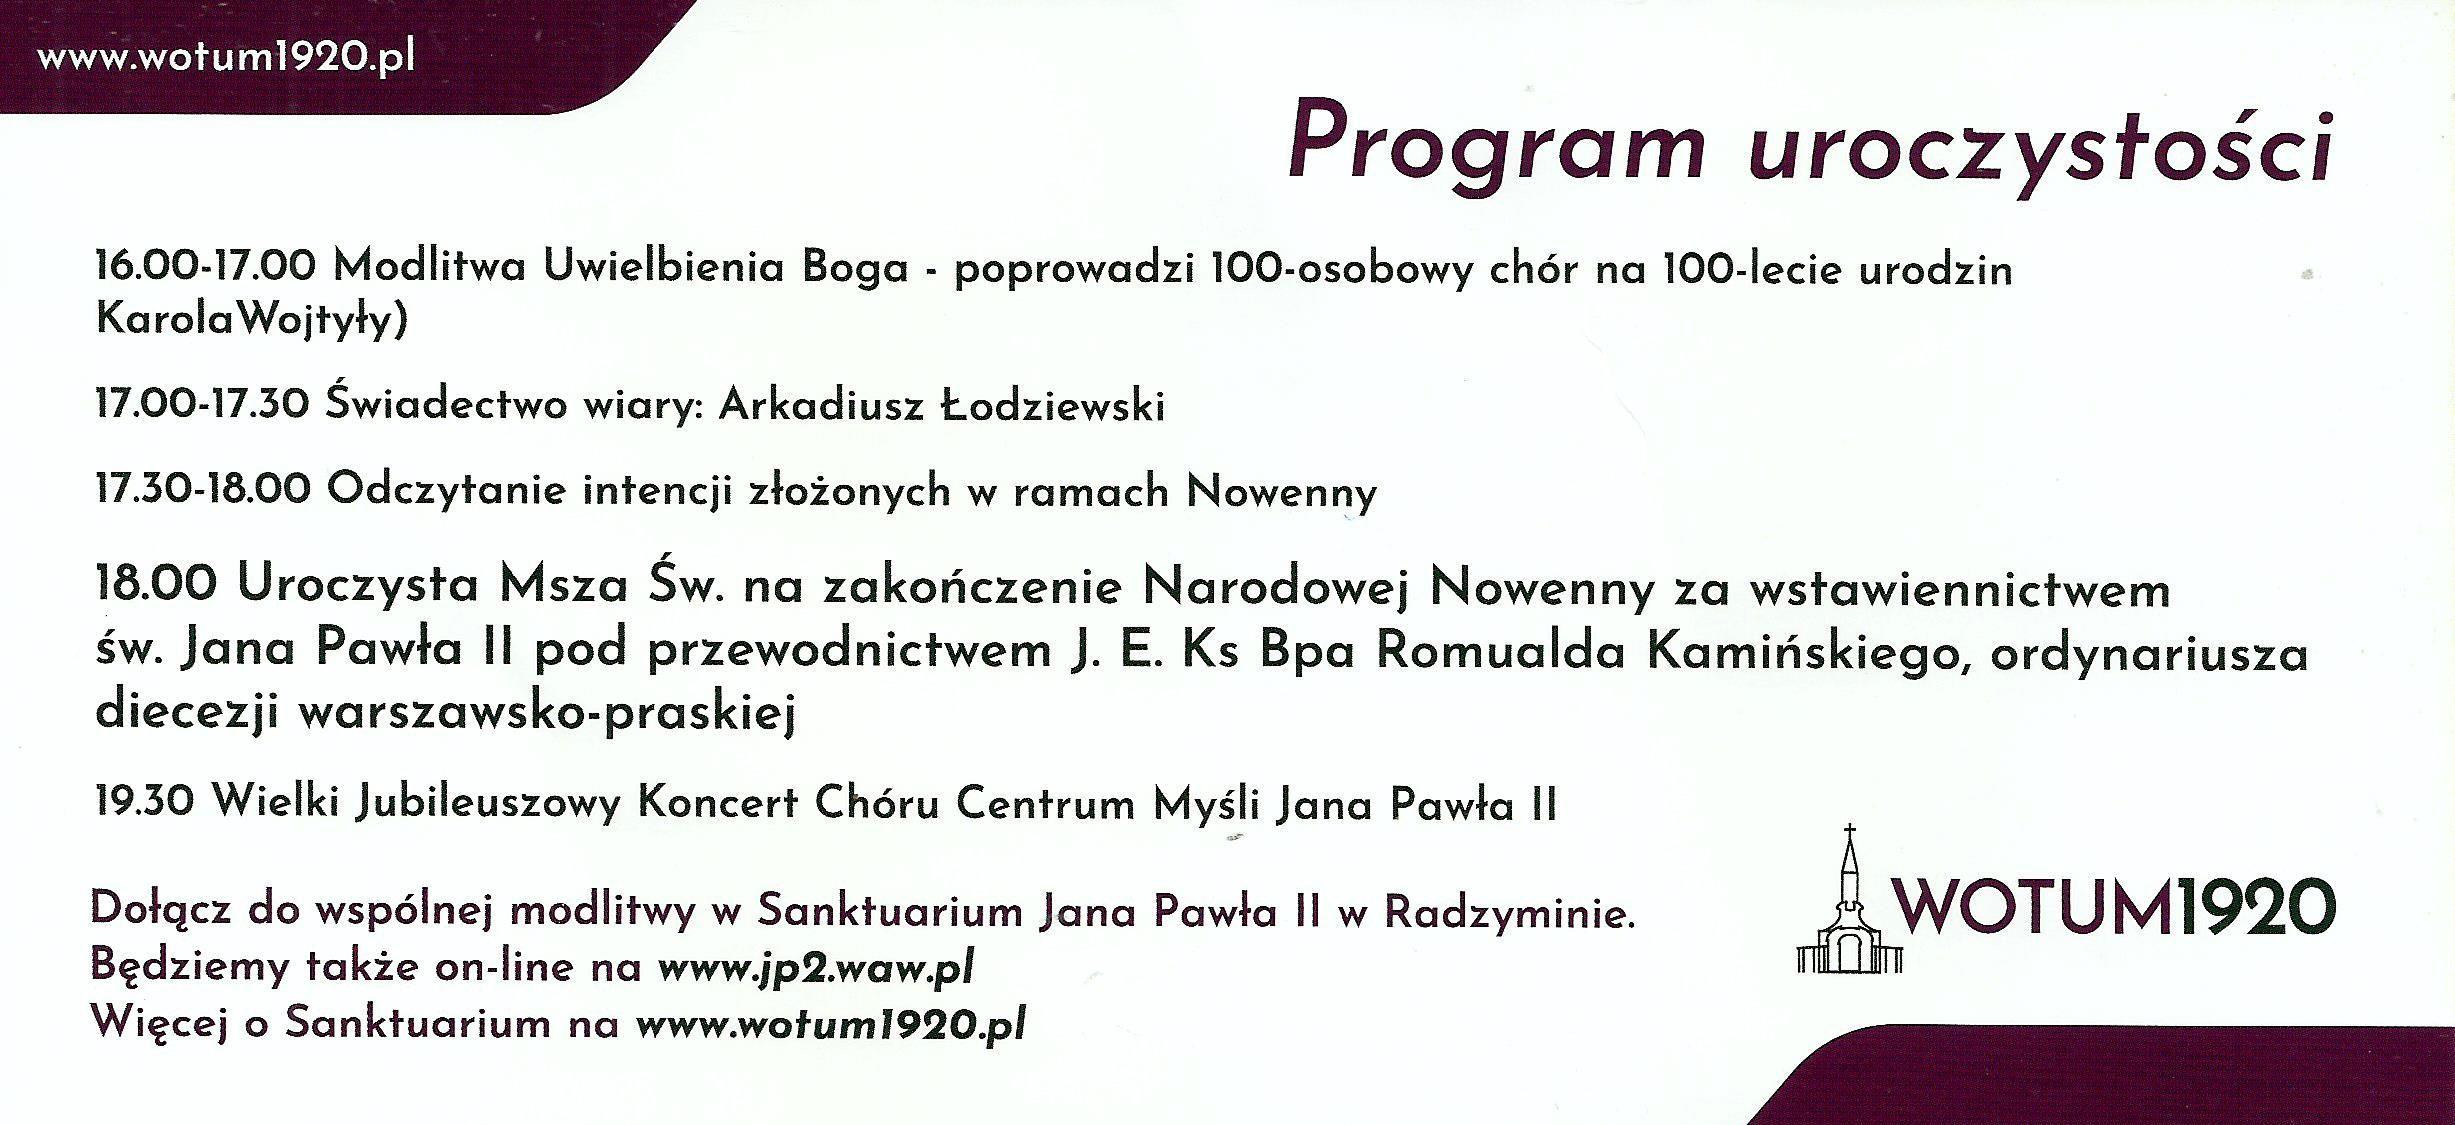 8. Program uroczystości